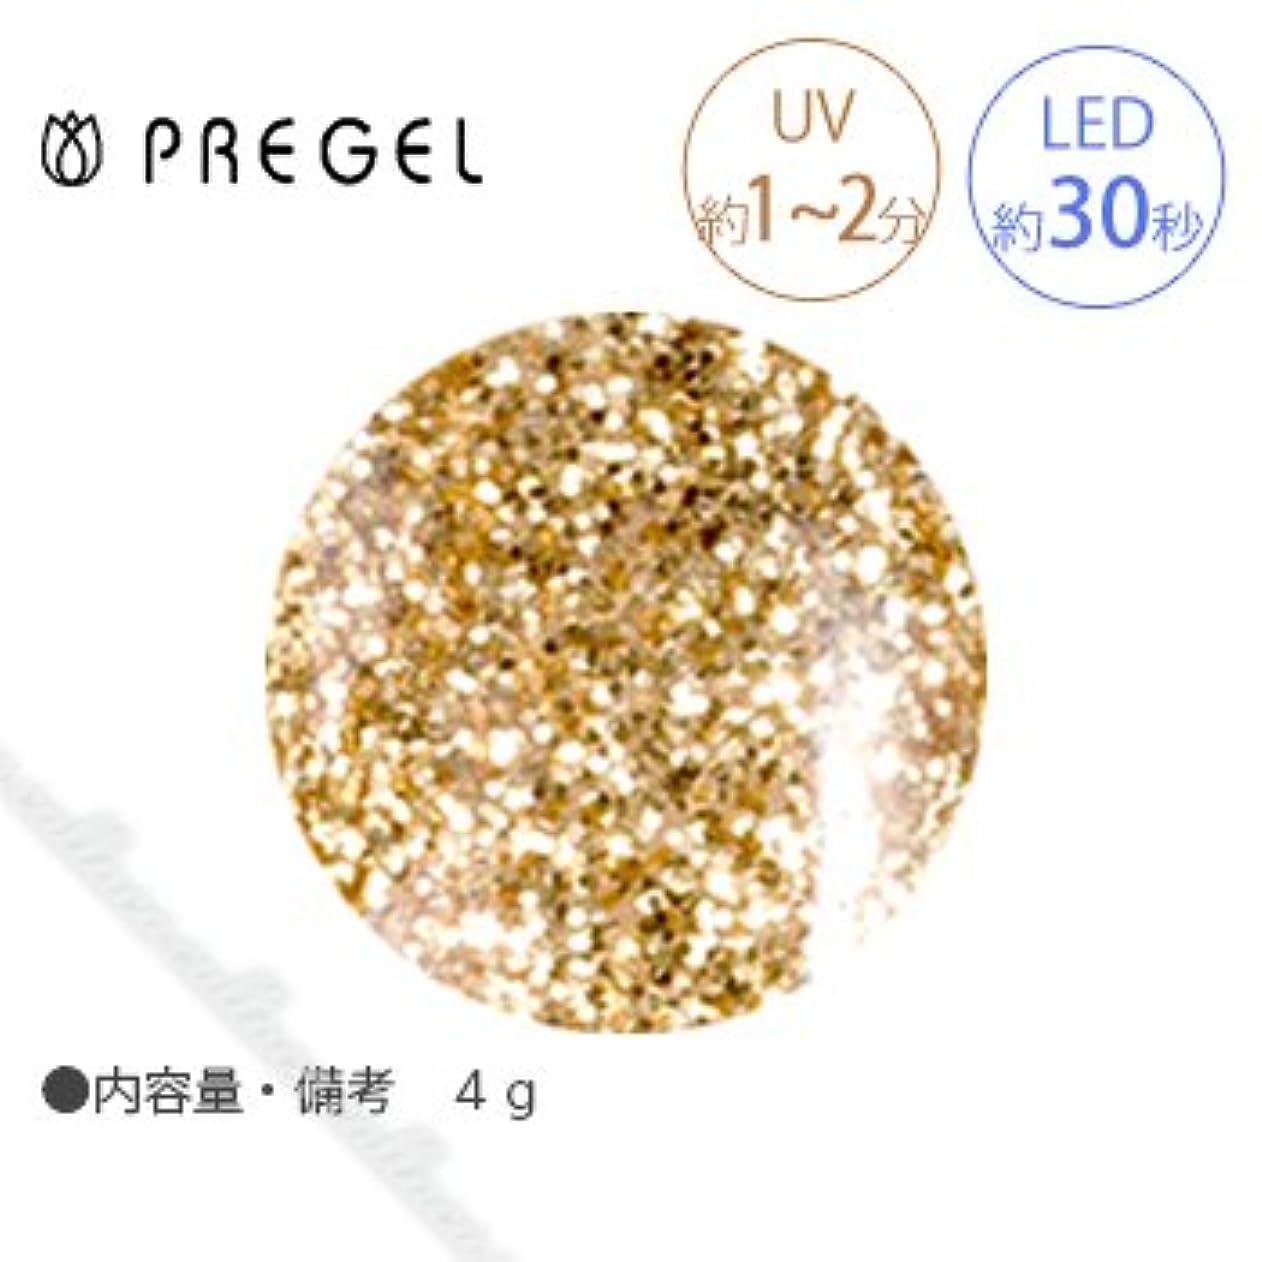 大理石レコーダー時計【PREGEL】 プリジェル カラーEX ダイヤモンドシリーズ ダイヤモンドブロンズ PG-CE402 4g